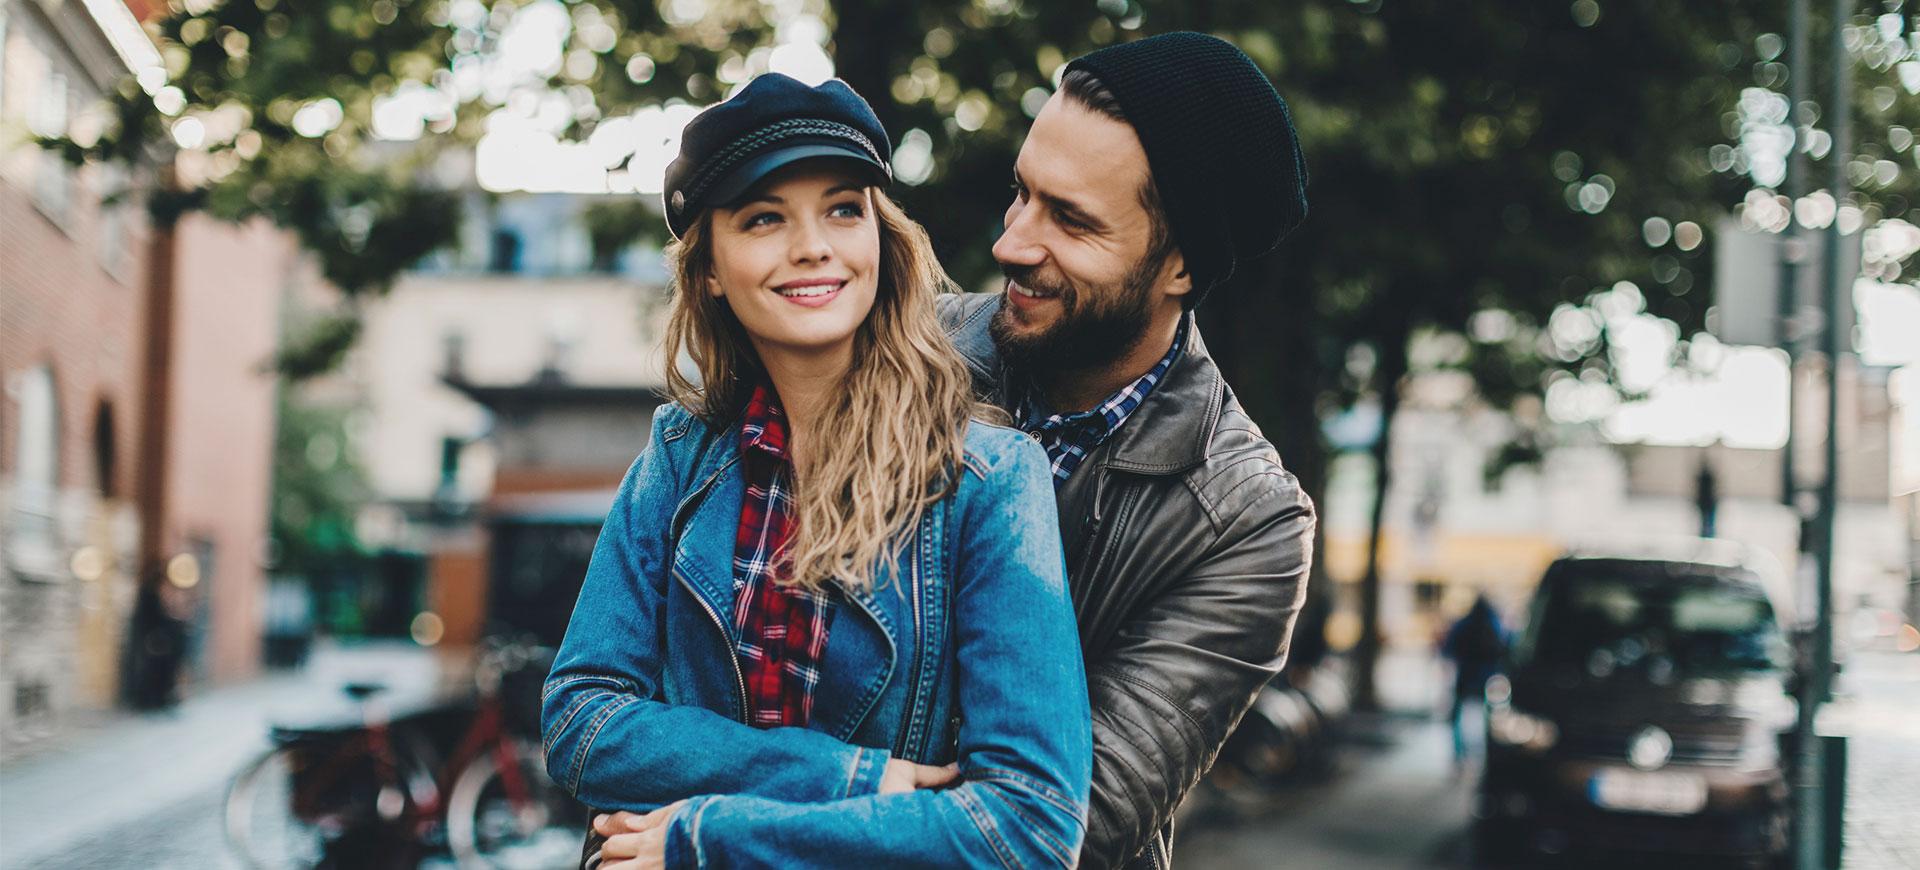 Miljonär matchmaker dating regler